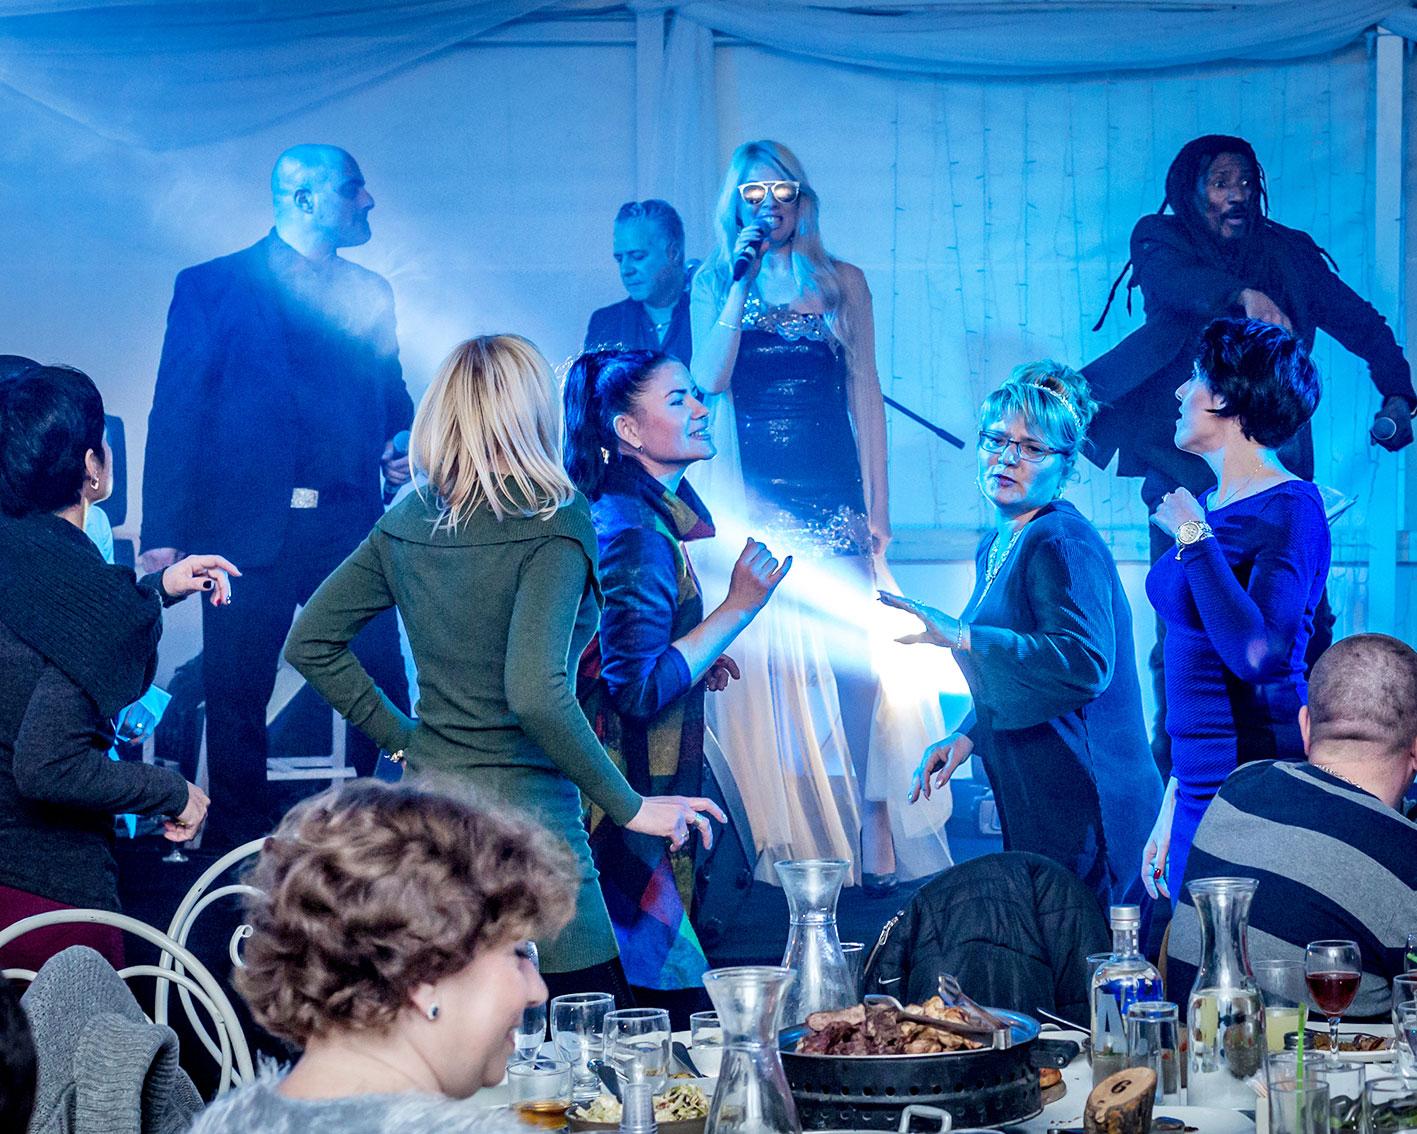 להקה סוחפת לריקודים -ולגיבוש החברה